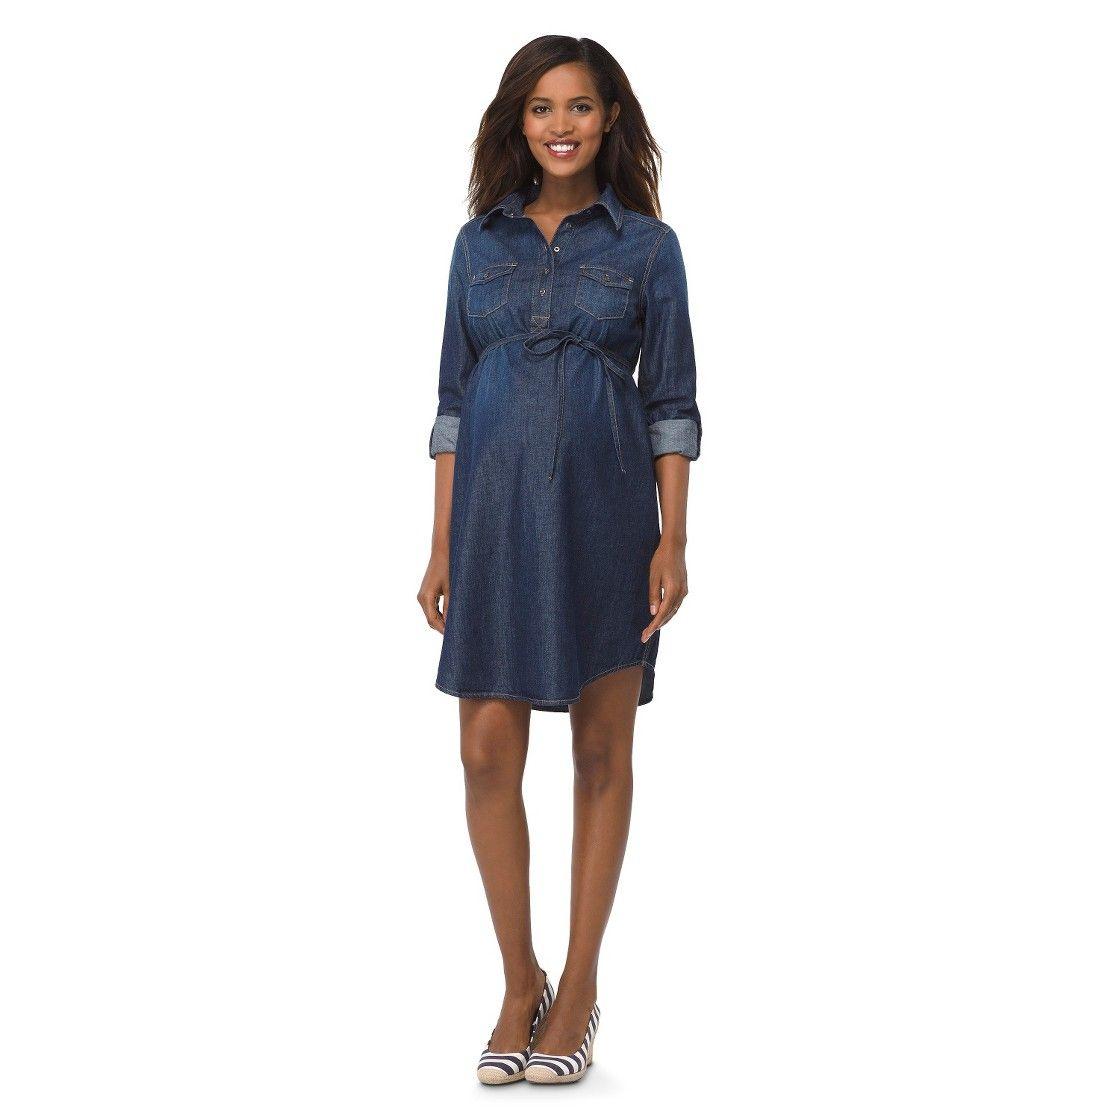 Maternity 34 sleeve denim shirt dress dark blue liz lange for maternity 34 sleeve denim shirt dress dark blue liz lange for target ombrellifo Gallery